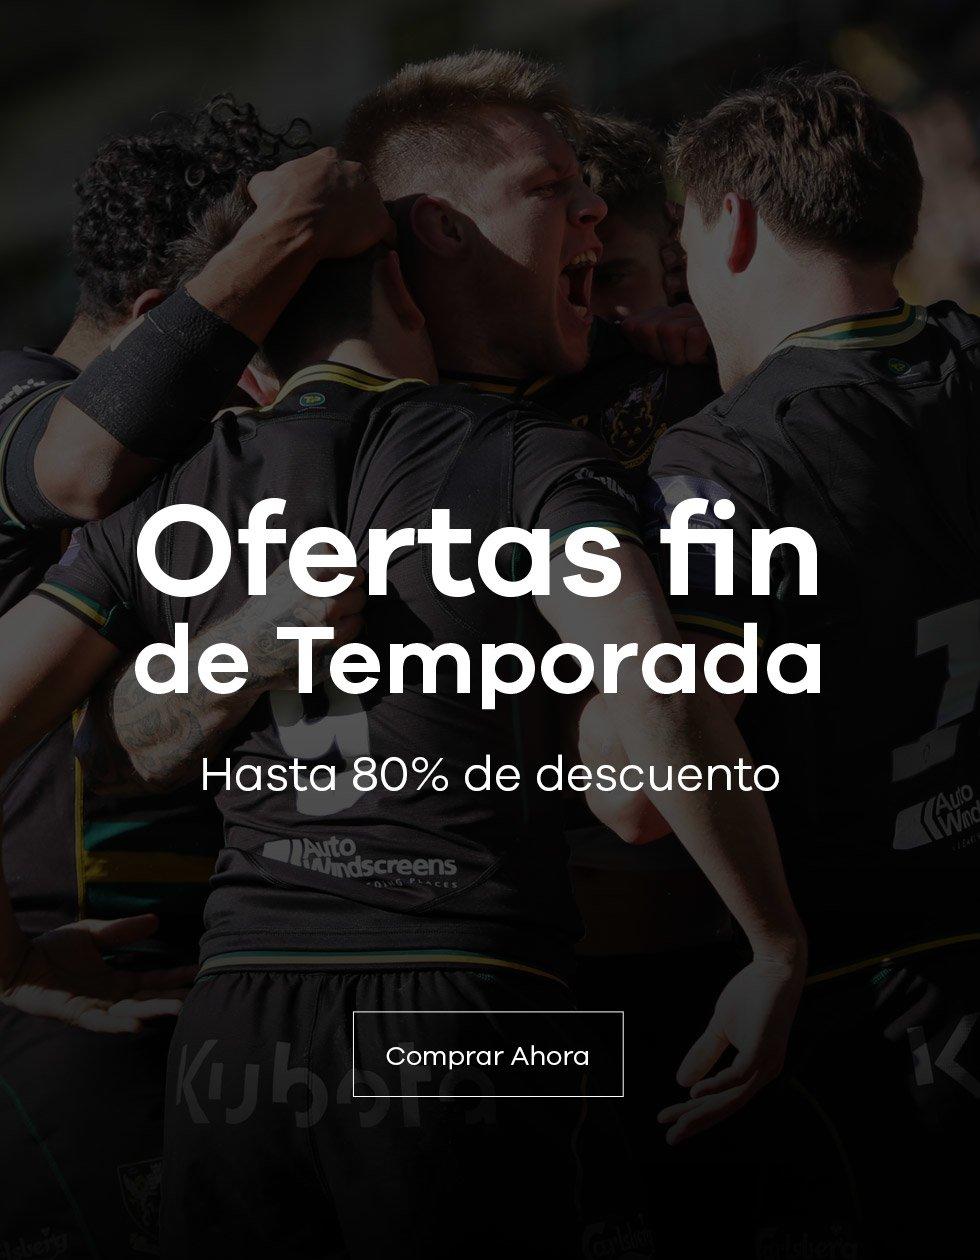 00ec0b553 Camisetas de Rugby, Botas de Rugby, Ropa Térmica, Equipamiento de Rugby ,  Protección de Rugby, Balones de Rugby - Lovell Rugby